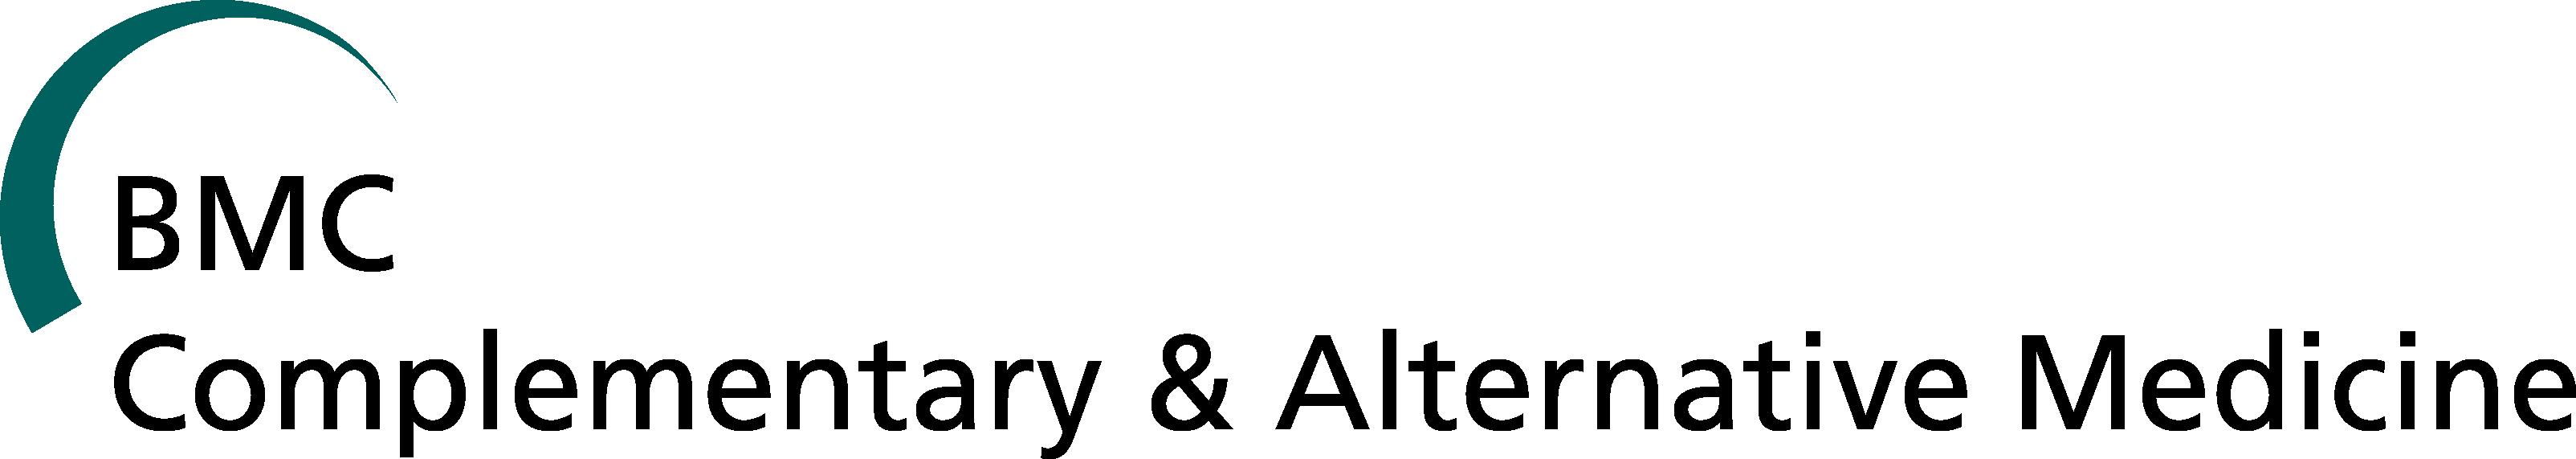 BMC-CAM-logo